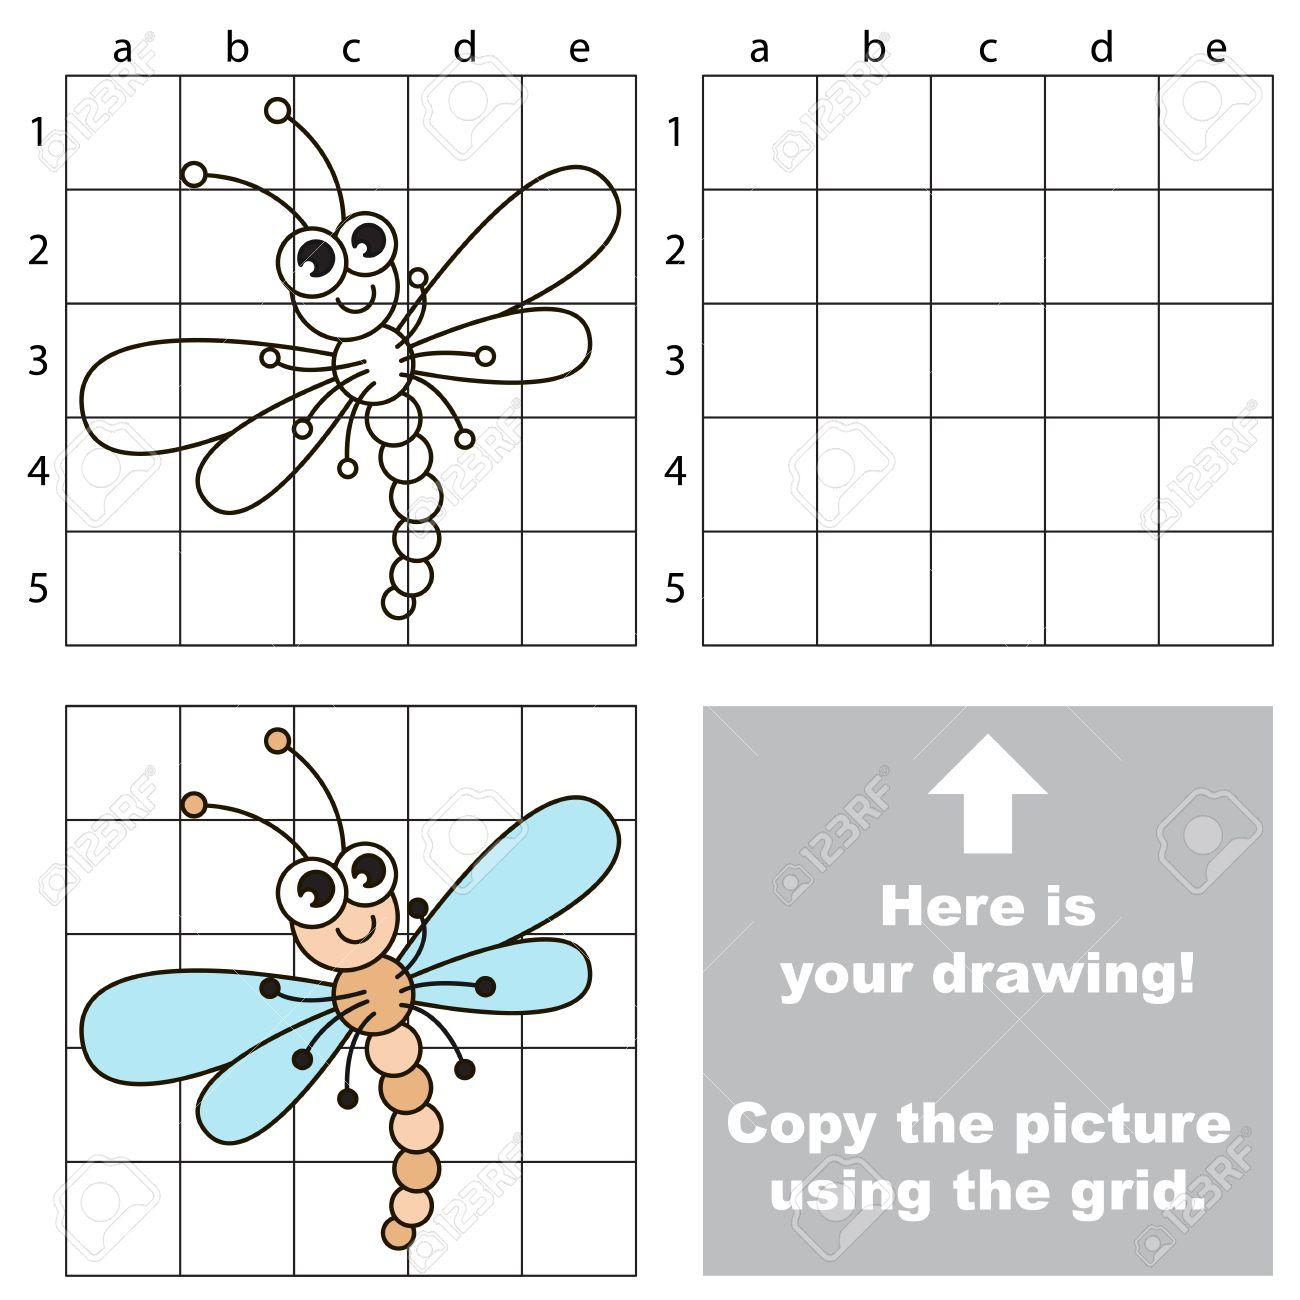 グリッド線を使用して 画像をコピーします 子供のための簡単な教育ゲーム 単純な子供のトンボとゲームの描画します のイラスト素材 ベクタ Image